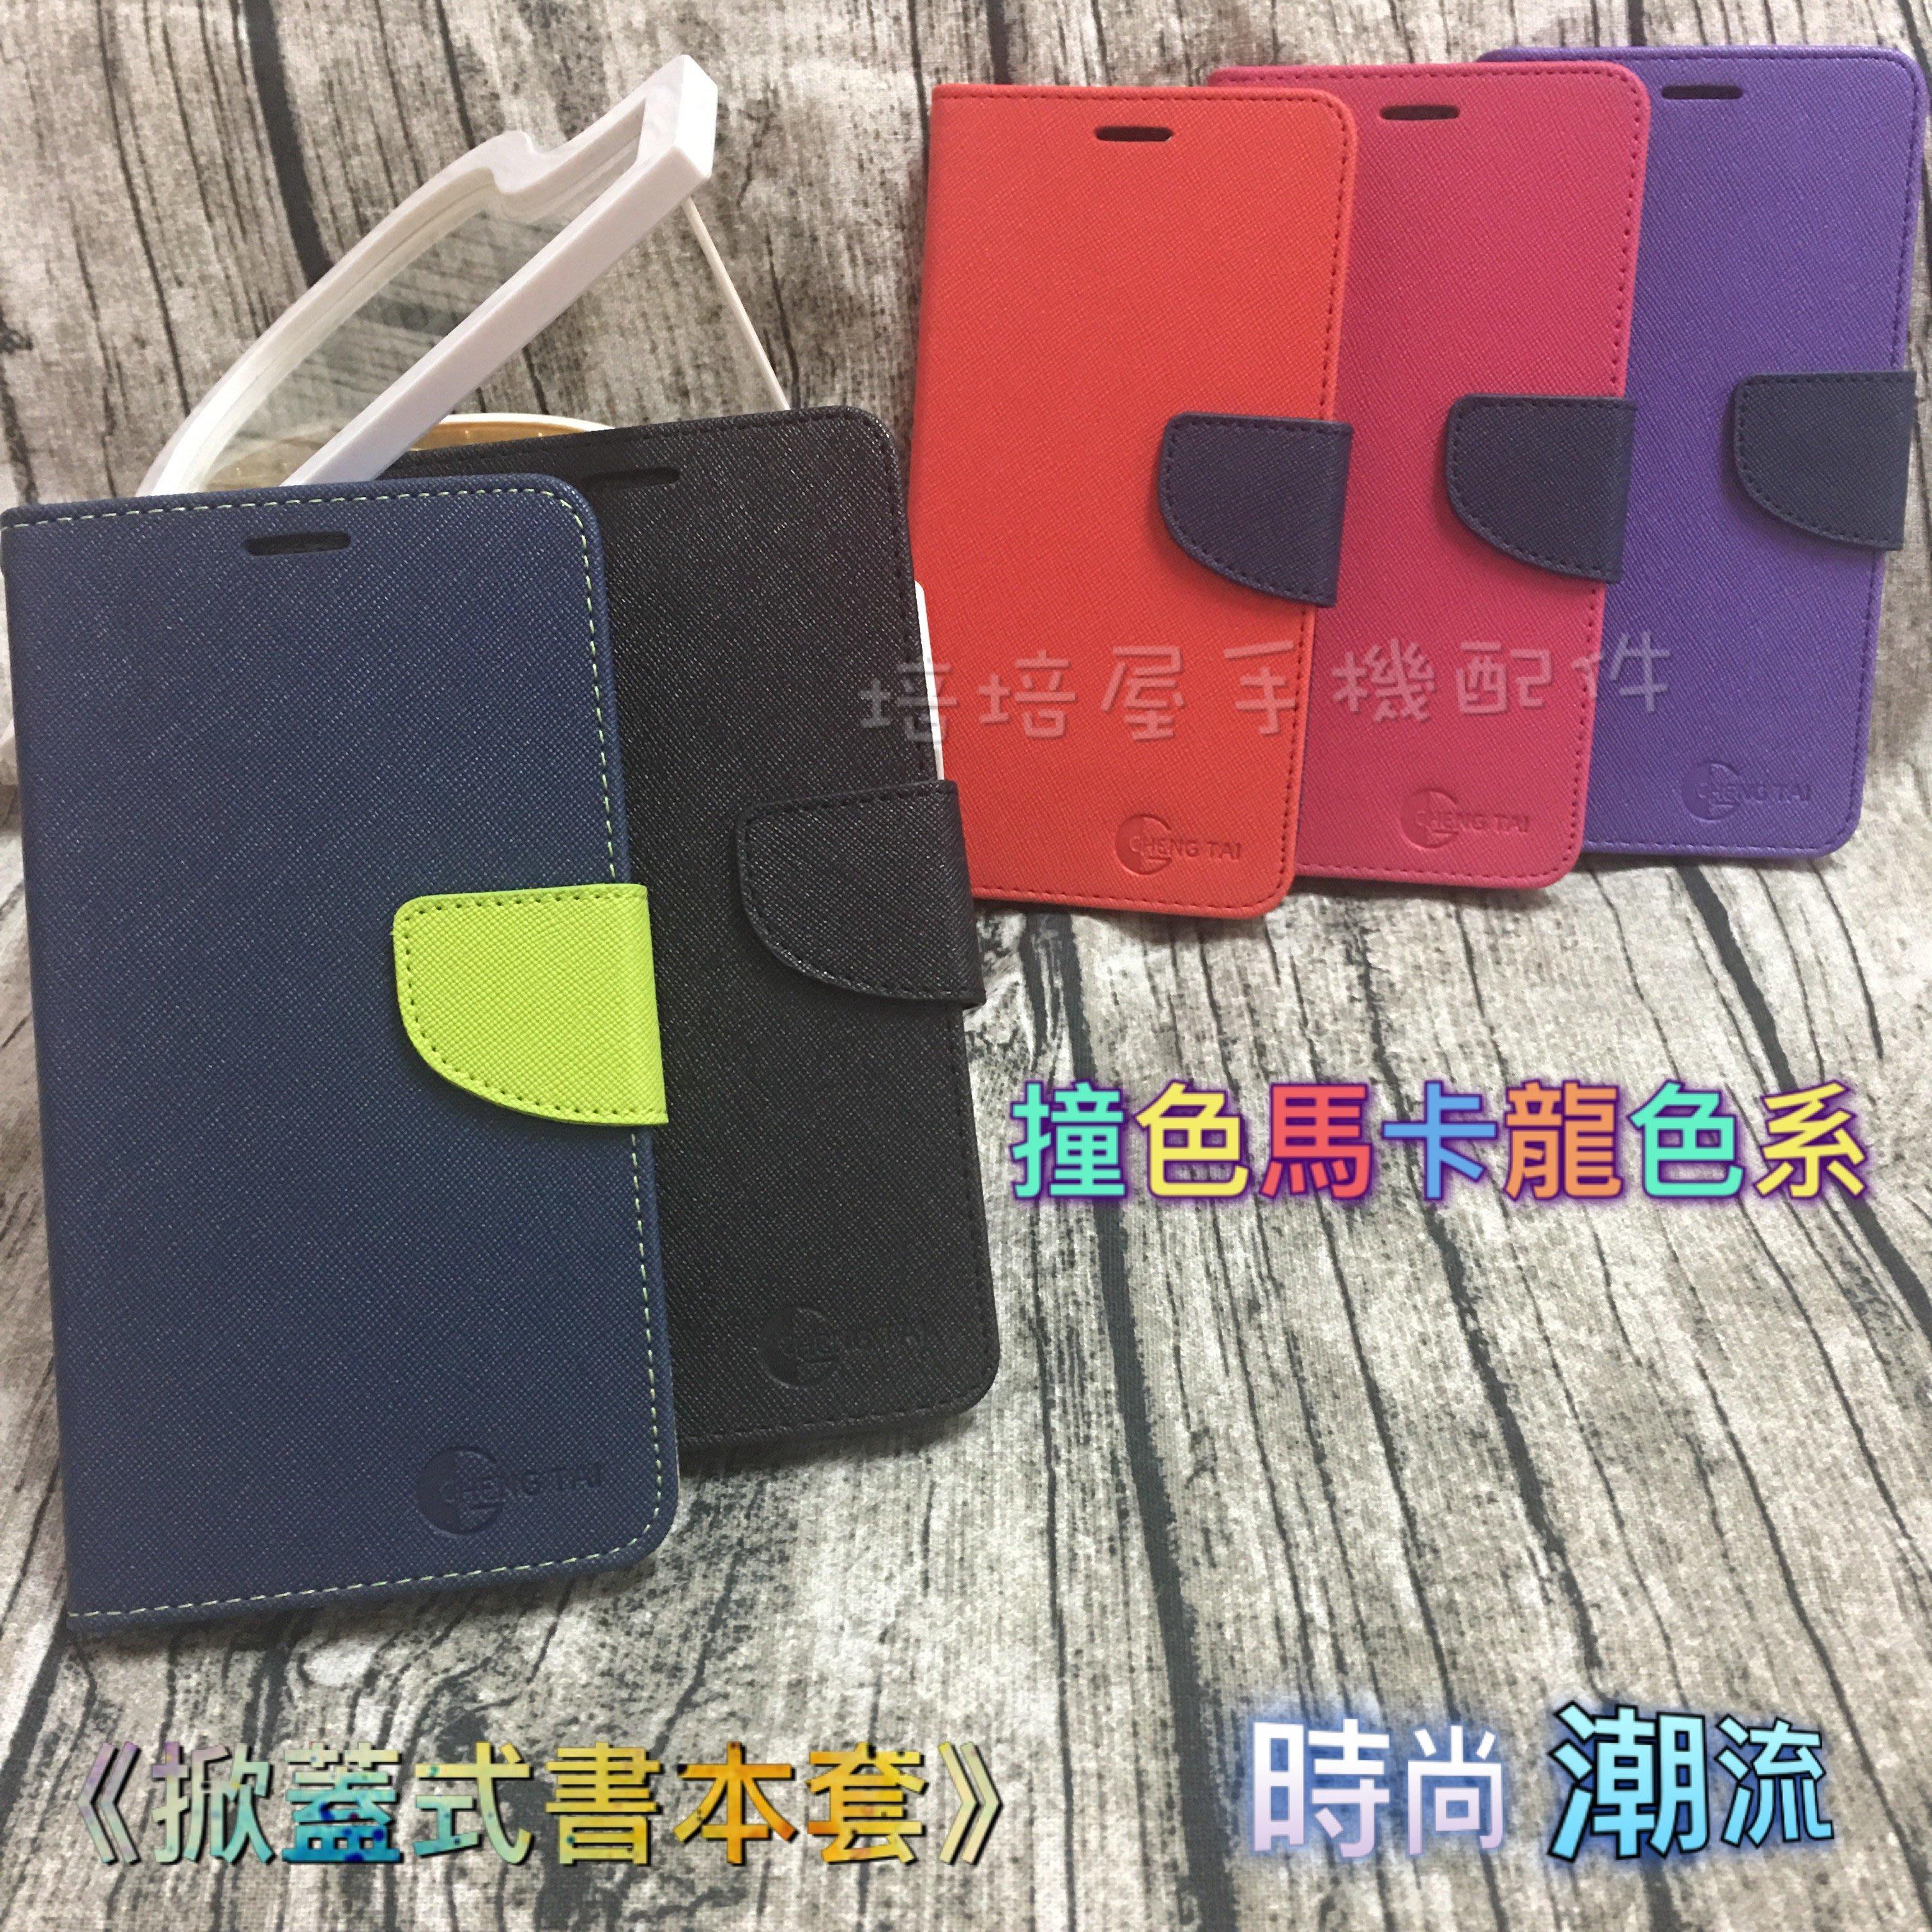 台灣大哥大 TWM Amazing A8《經典系列撞色款書本式皮套》側掀側翻蓋皮套手機套手機殼支架皮套保護套保護殼書本套